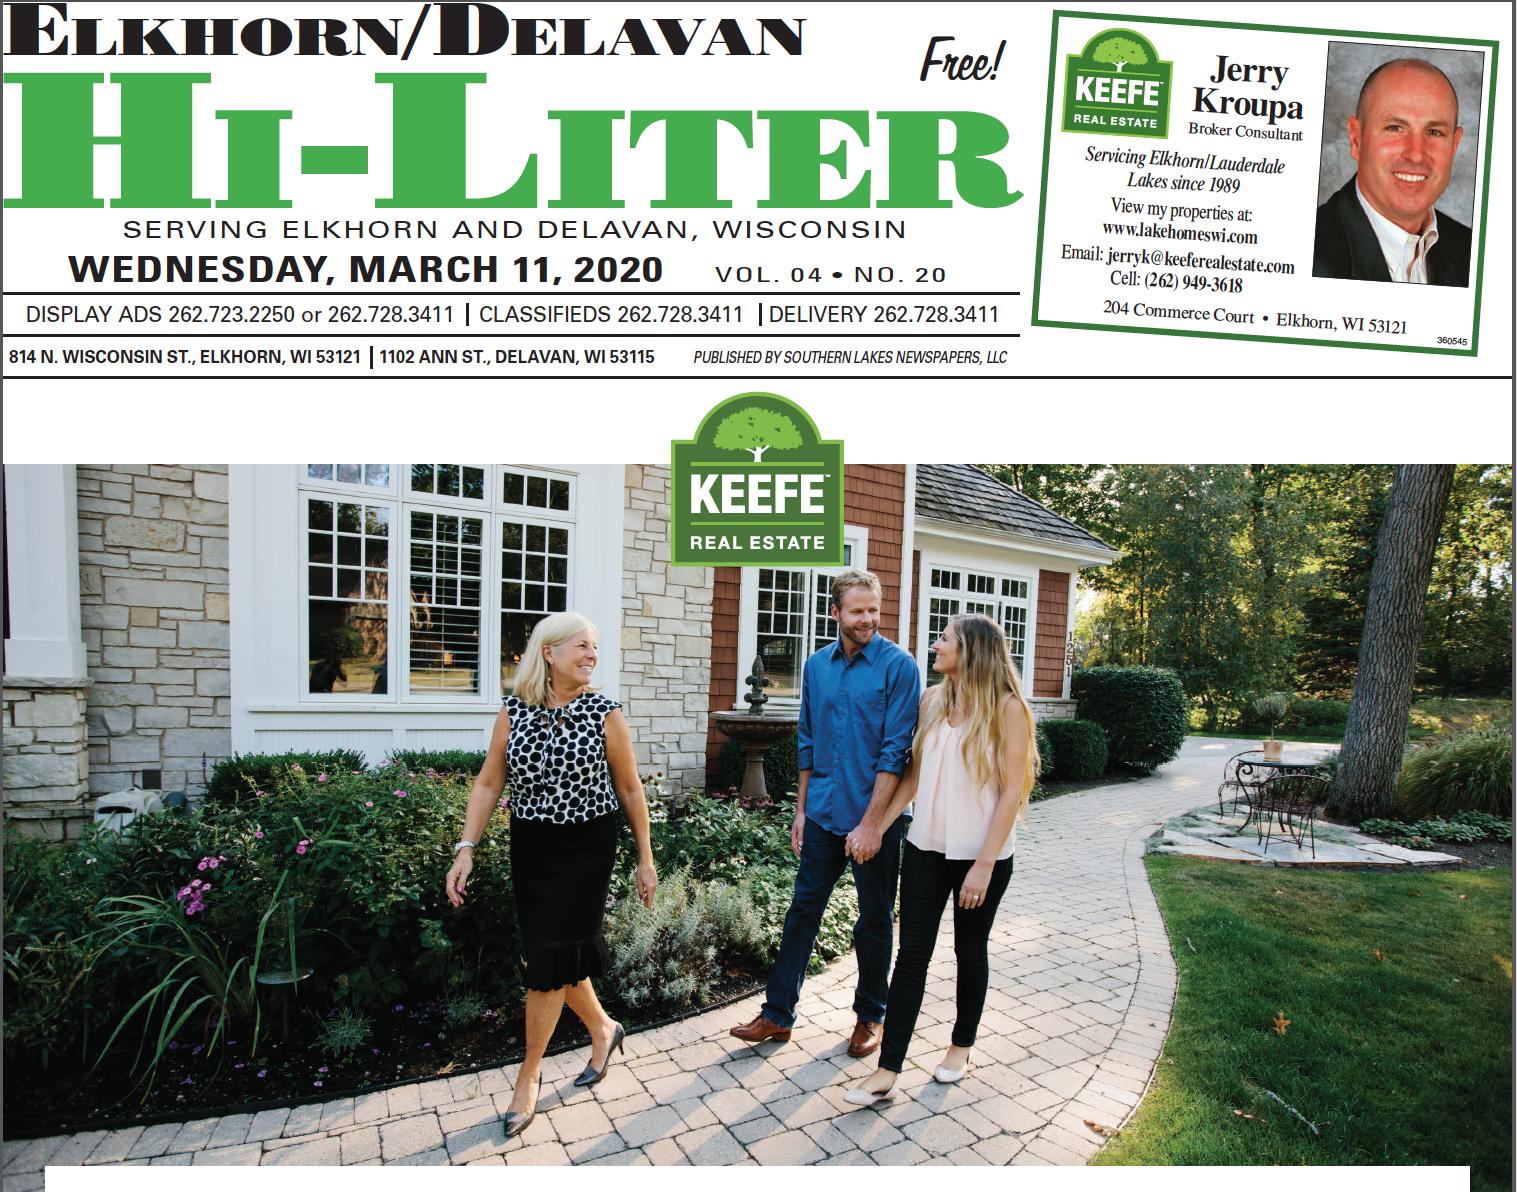 Elkhorn/Delavan HiLiter for 3/11/2020